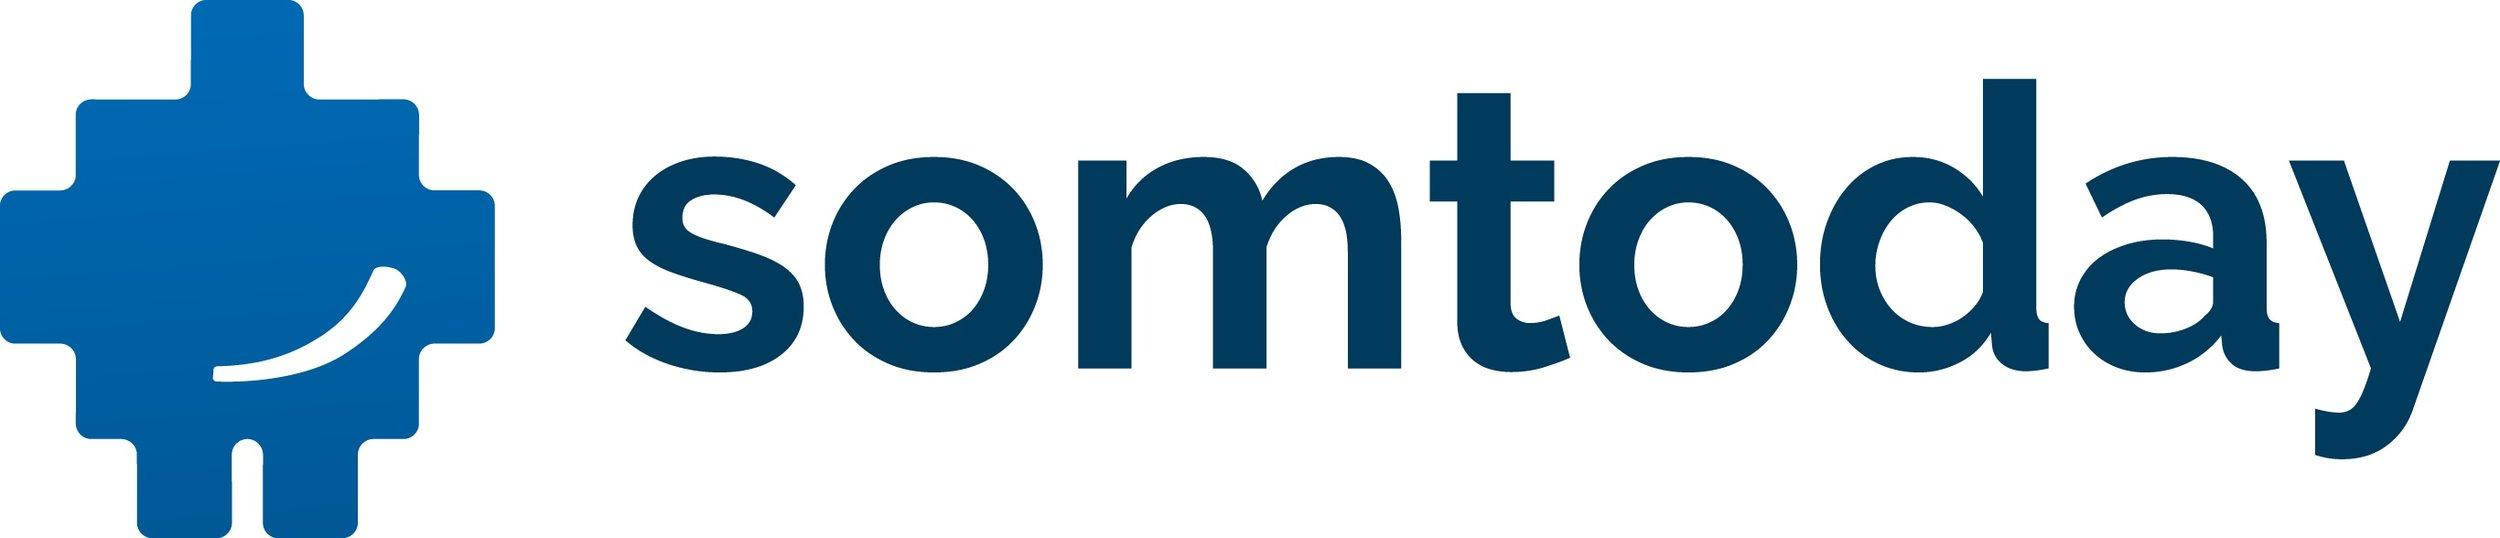 Somtoday- logo-CMYK kopie.jpg